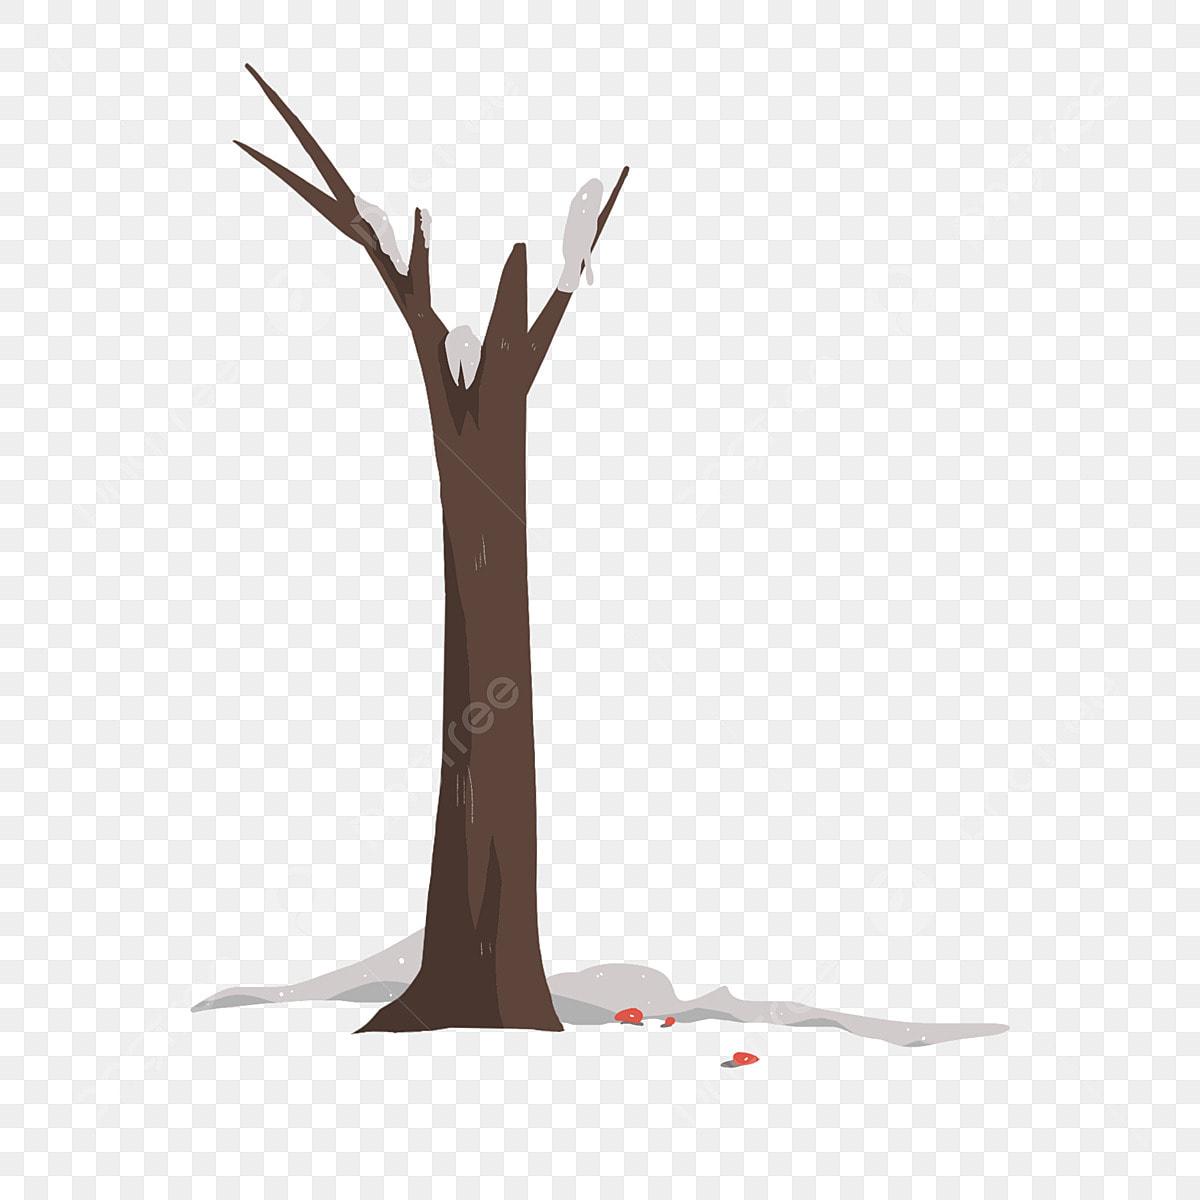 أشجار مرسومة باليد شجرة كبيرة بدون اوراق أشجار الشتاء شجرة ميتة في ثلوج الشتاء داخل أعطى Png وملف Psd للتحميل مجانا